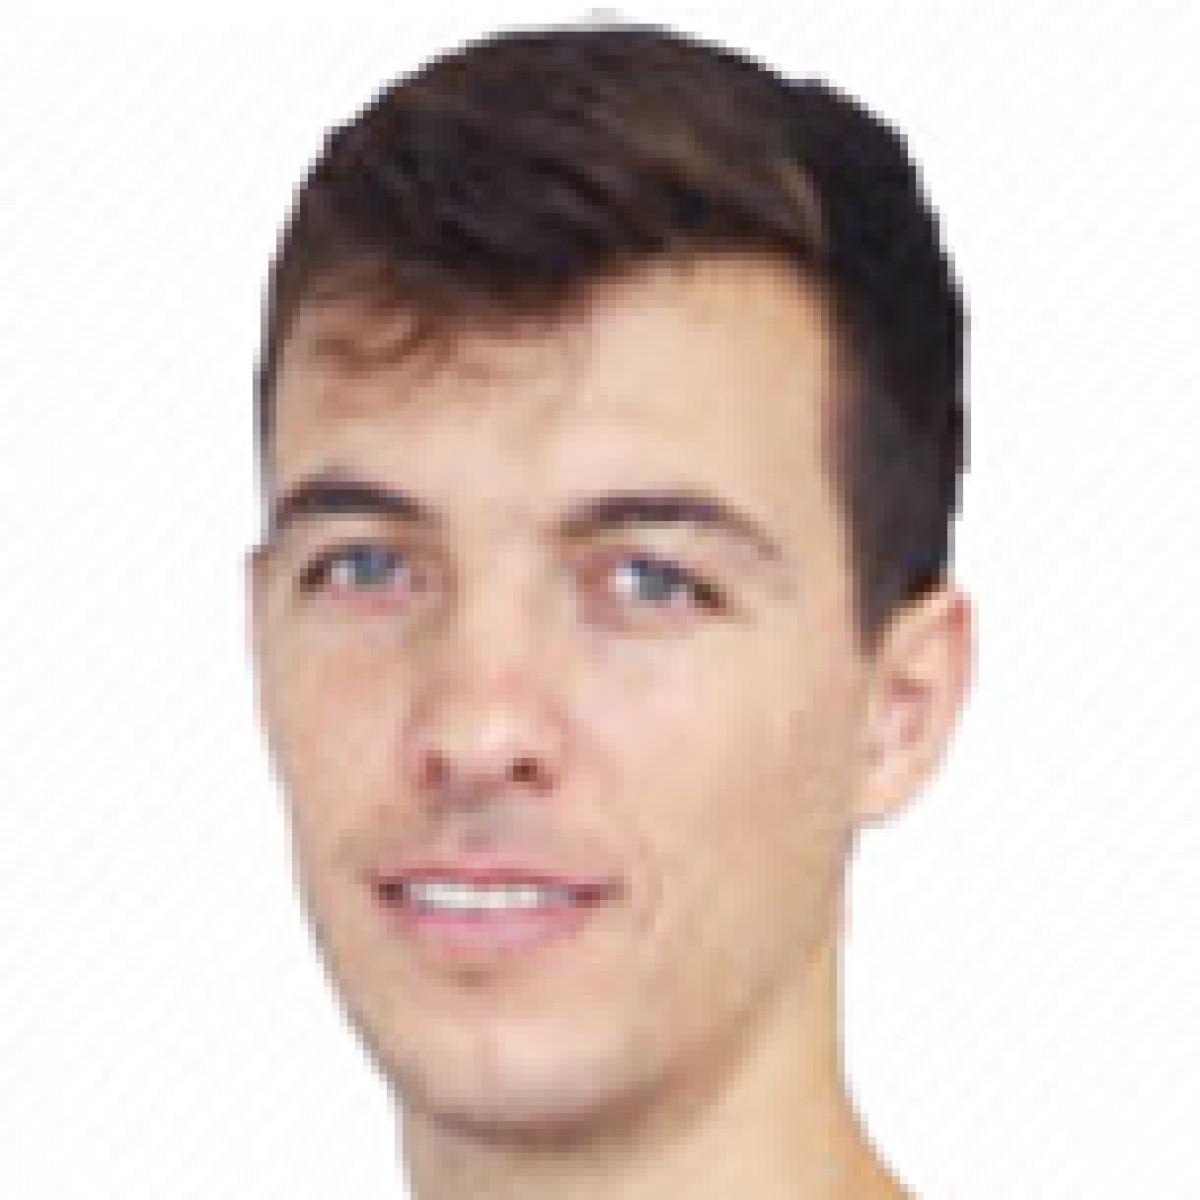 Javier Marin Ortega